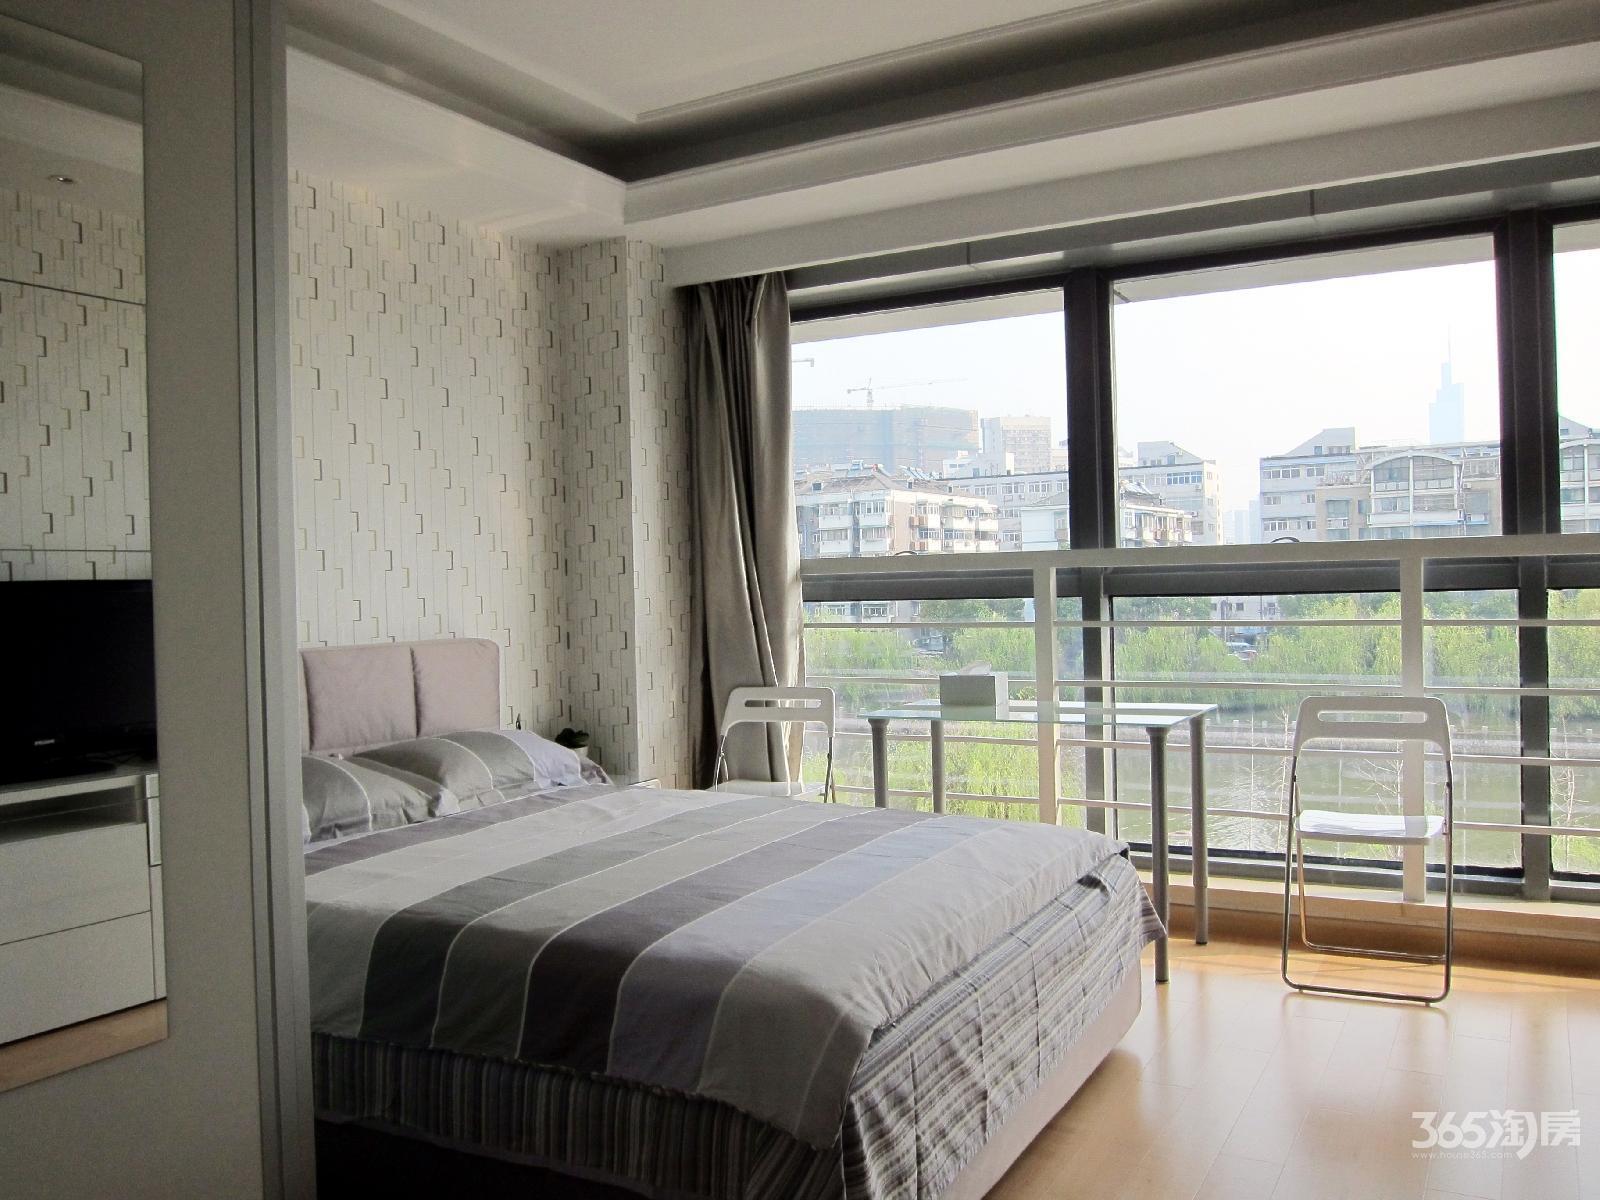 甲壳虫女子公寓超大落地窗36.81平米豪华装商住两用产权房